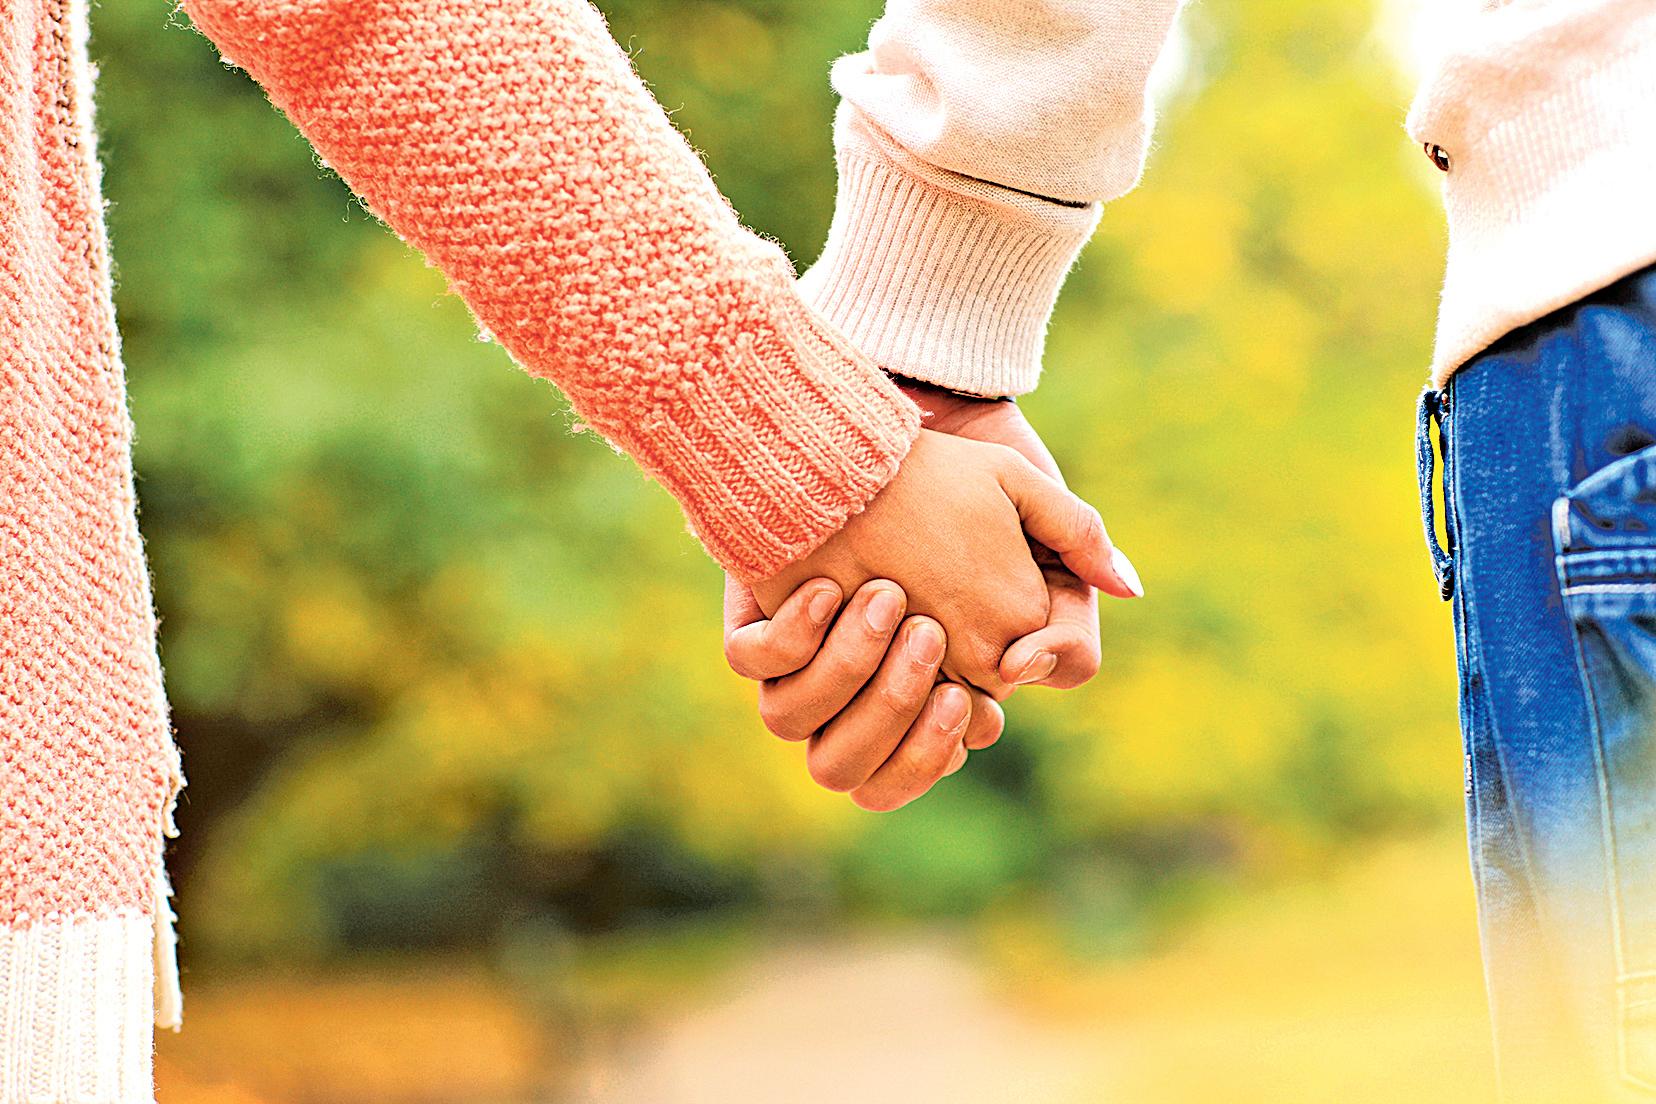 癌症是人類自私基因的孽種,疾病源自人身體內對愛的匱乏和缺失,研究發現在無條件的愛和慈愛中才能清理和治癒它們。(fotolia)